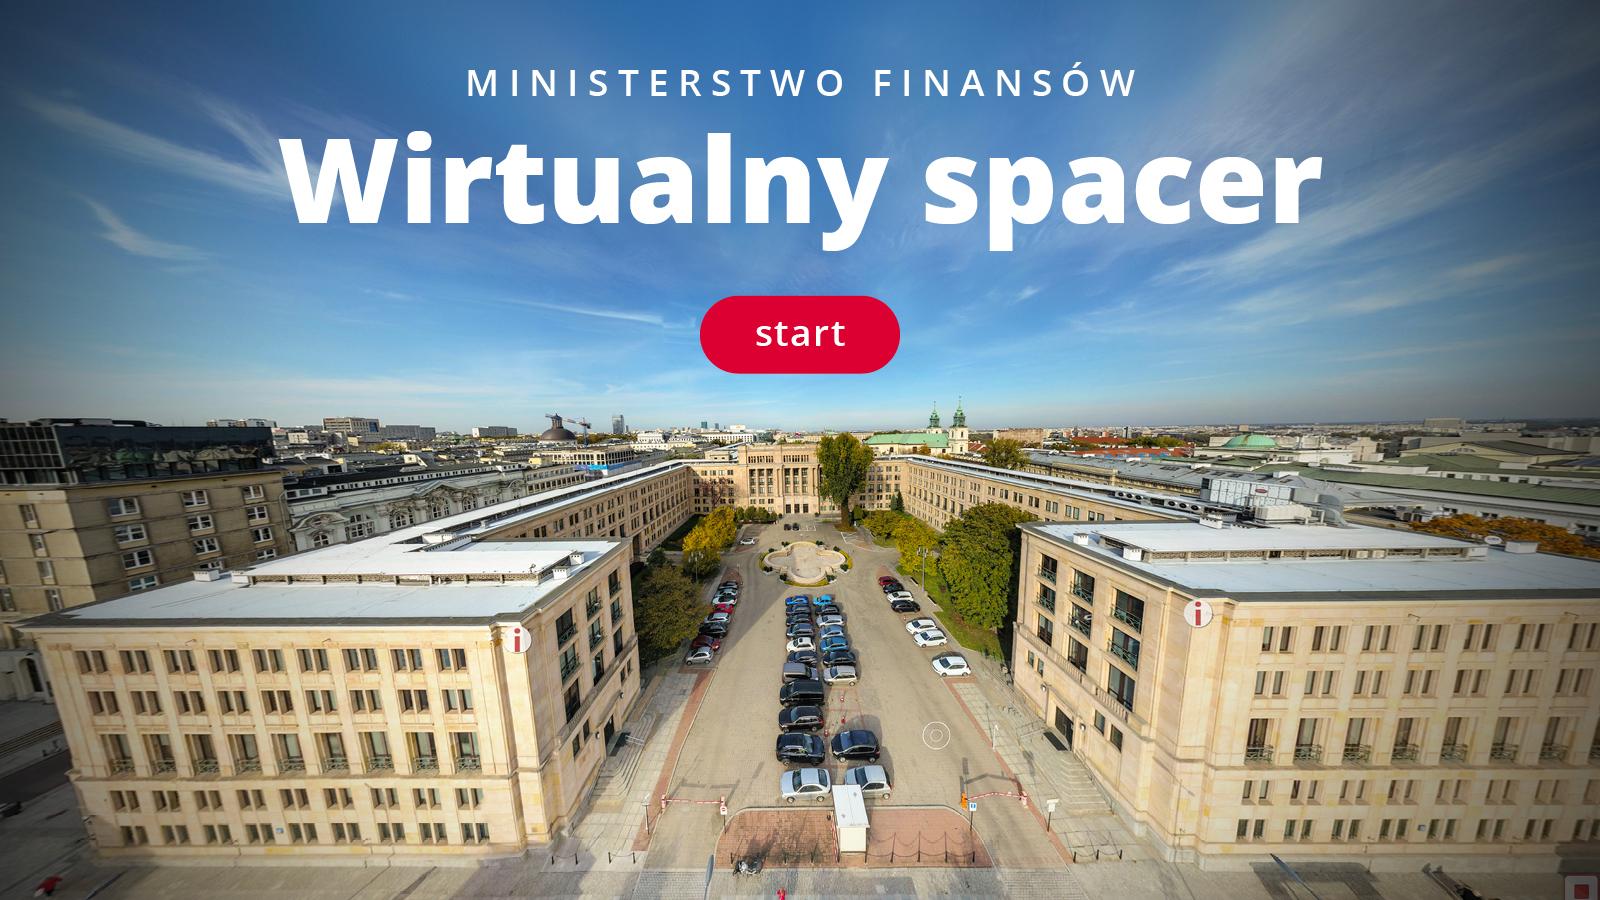 Link do wirtualnego spaceru po MF. Zdjęcie przedstawia widok z góry na dziedziniec gmachu Ministerstwa Finansów od strony ul. Świętokrzyskiej. Napis Ministerstwo Finansów, wirtualny spacer, start.